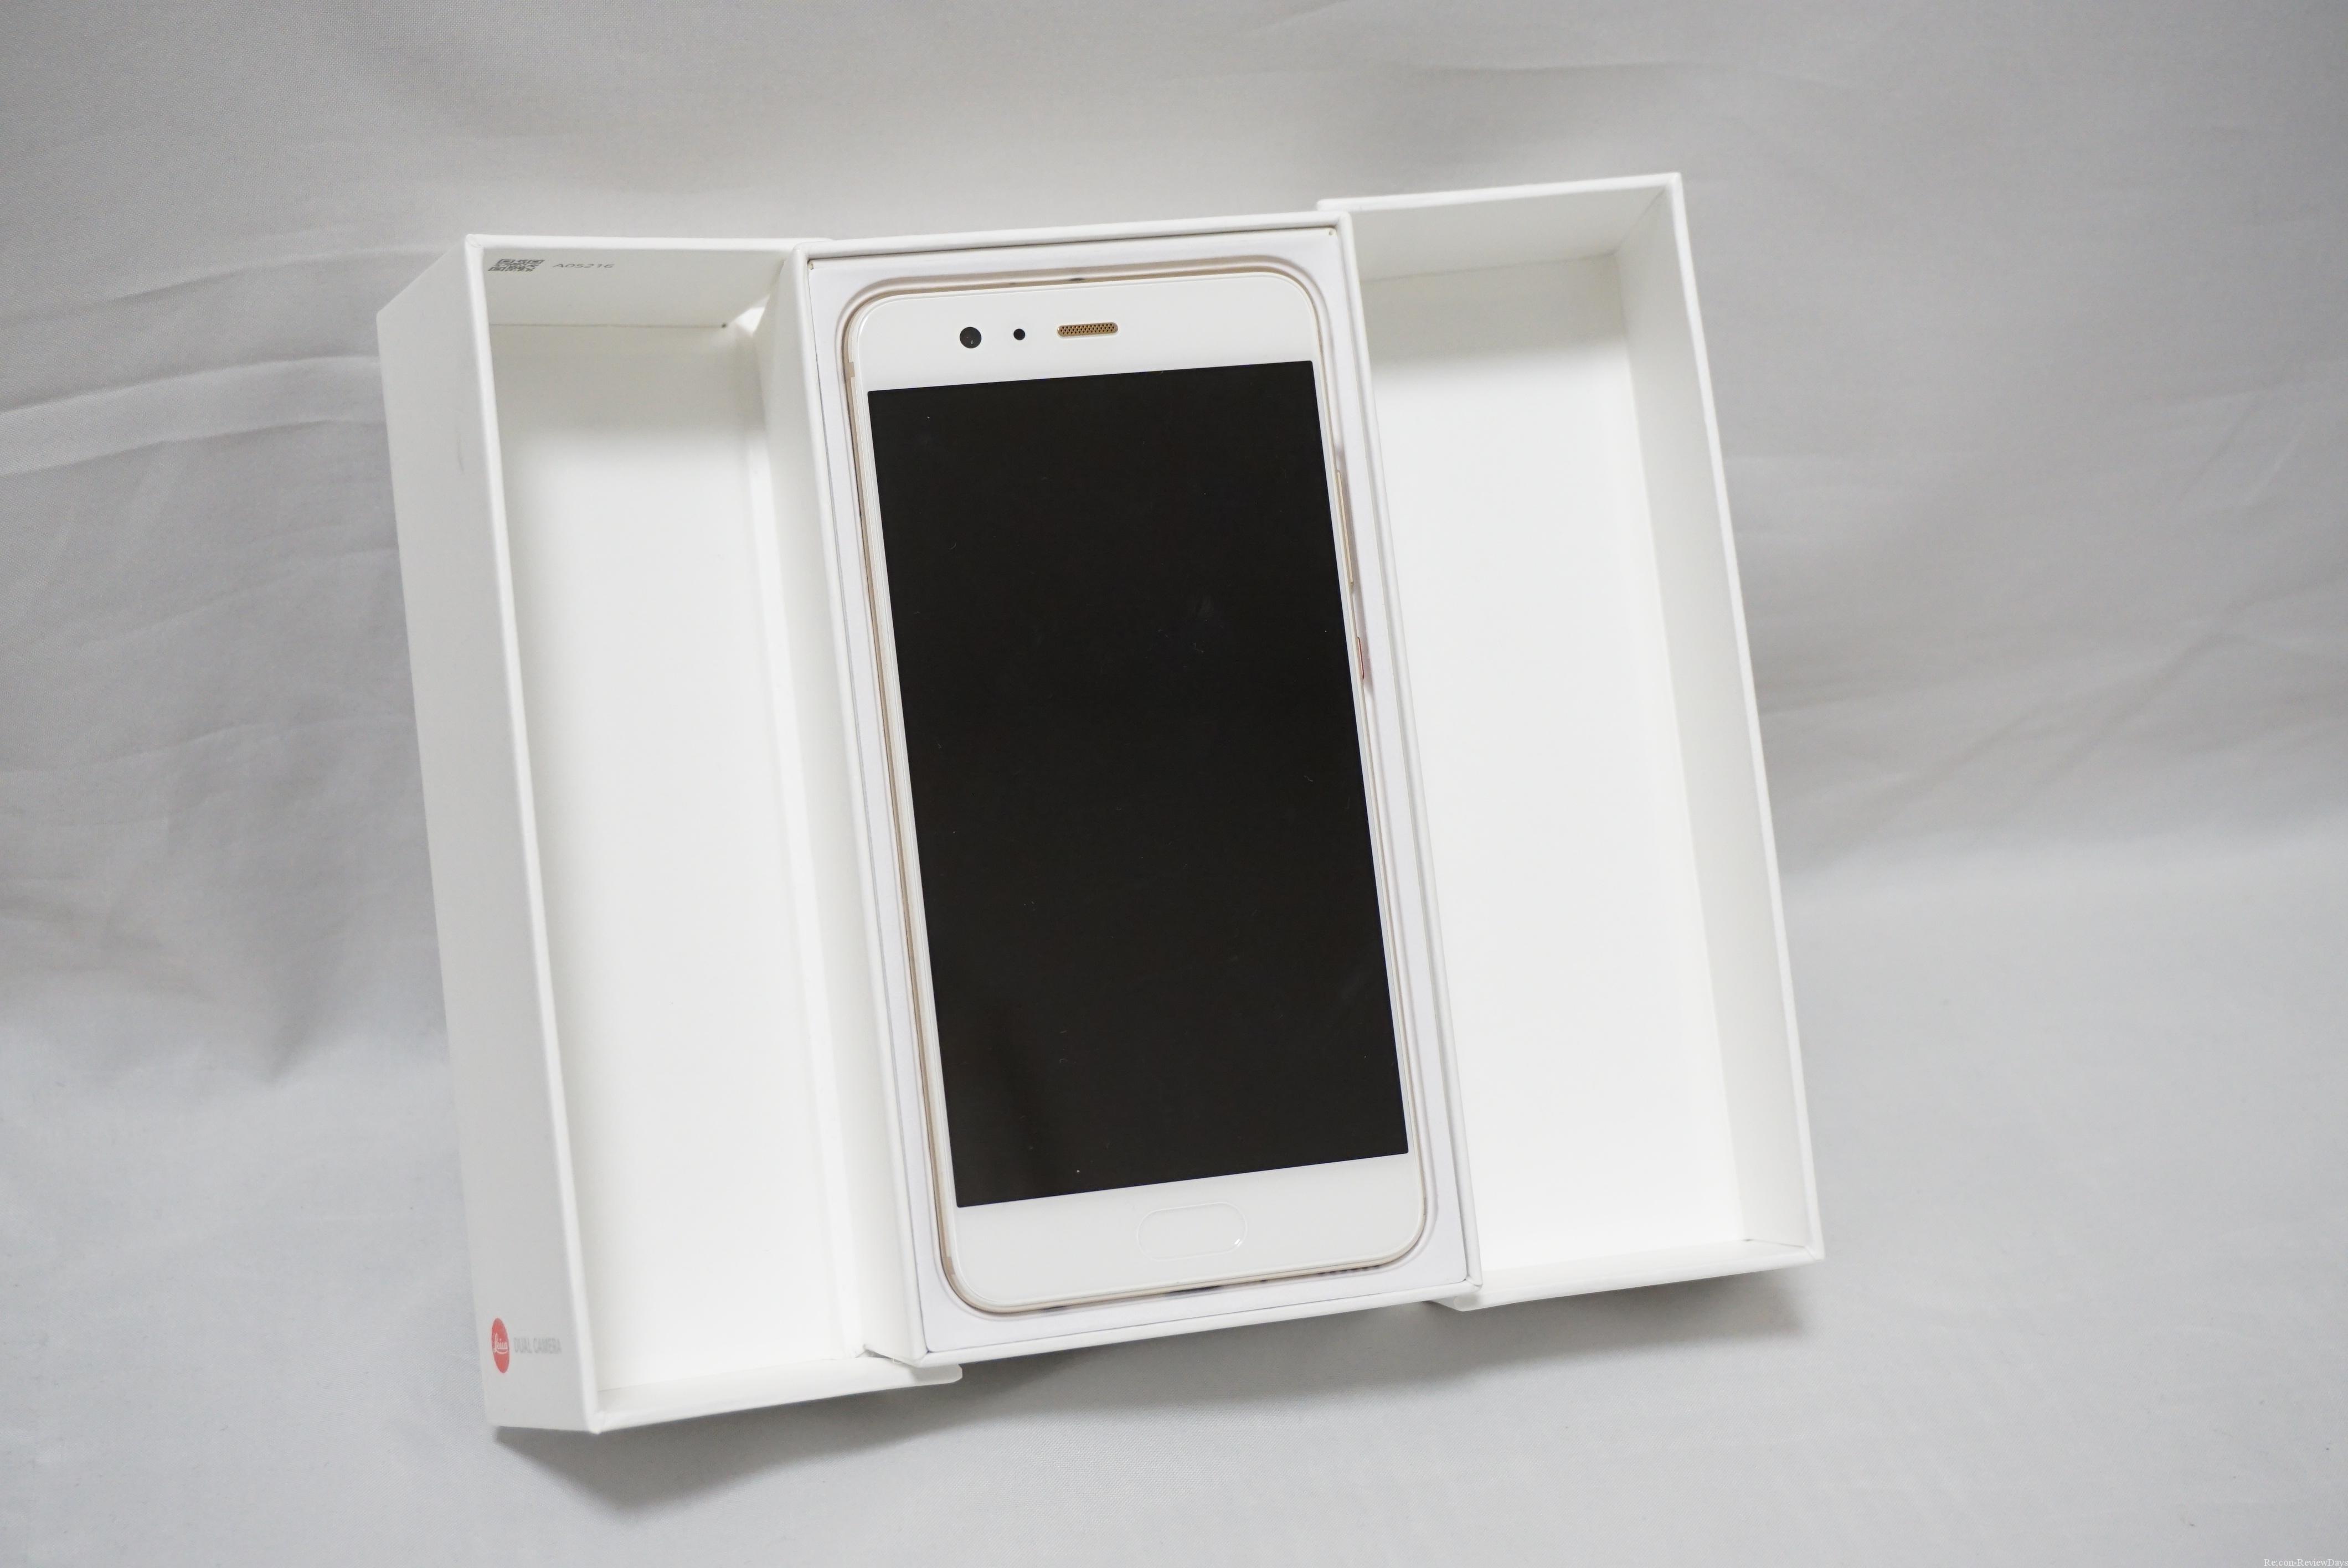 Huawei P10 Plus 国内版 VKY-L29の外観をチェックする #Huawei #P10Plus #Huaweiタッチアンドトライ